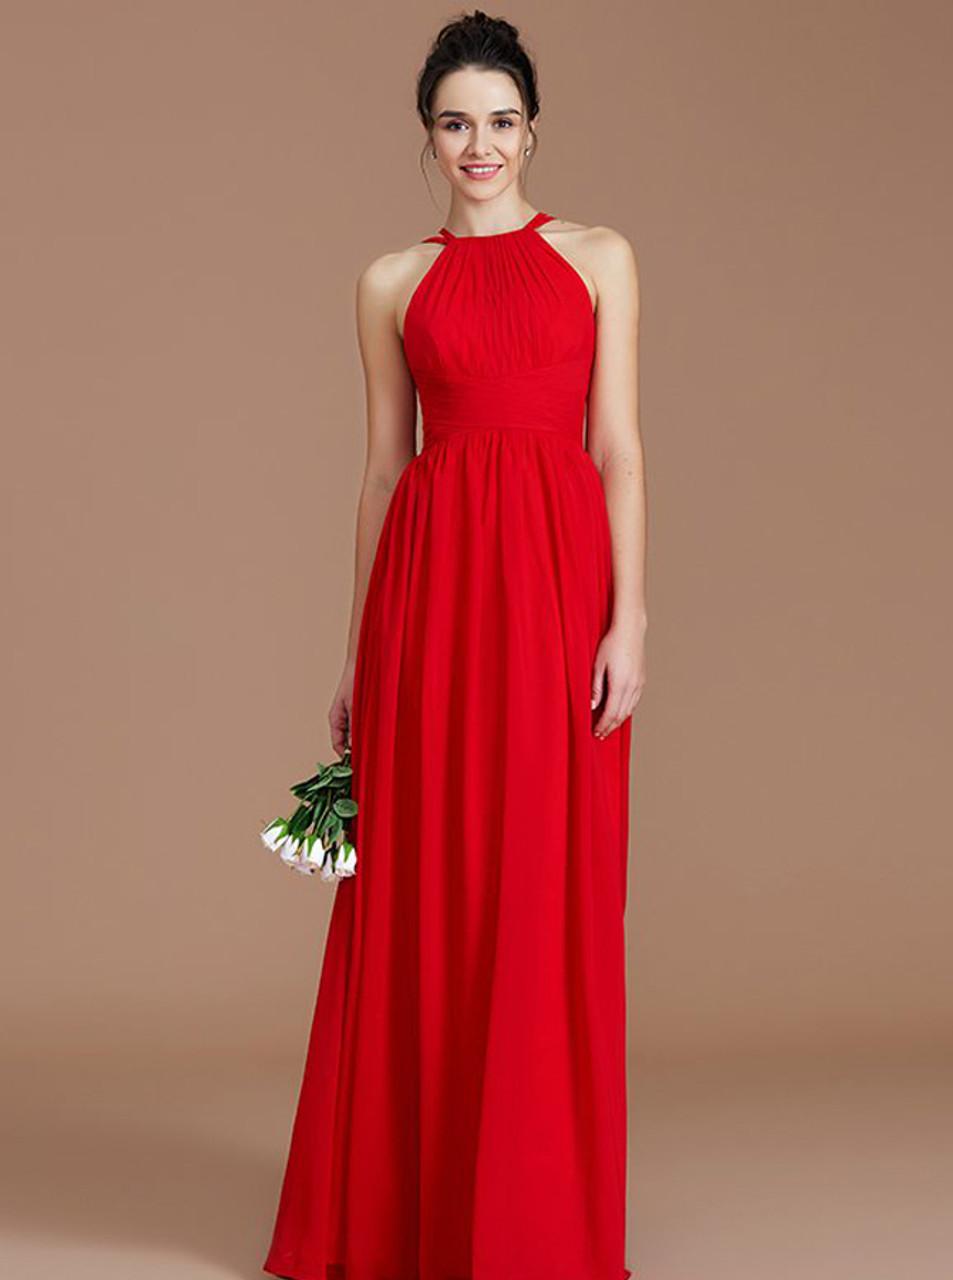 Red Bridesmaid Dresses UK